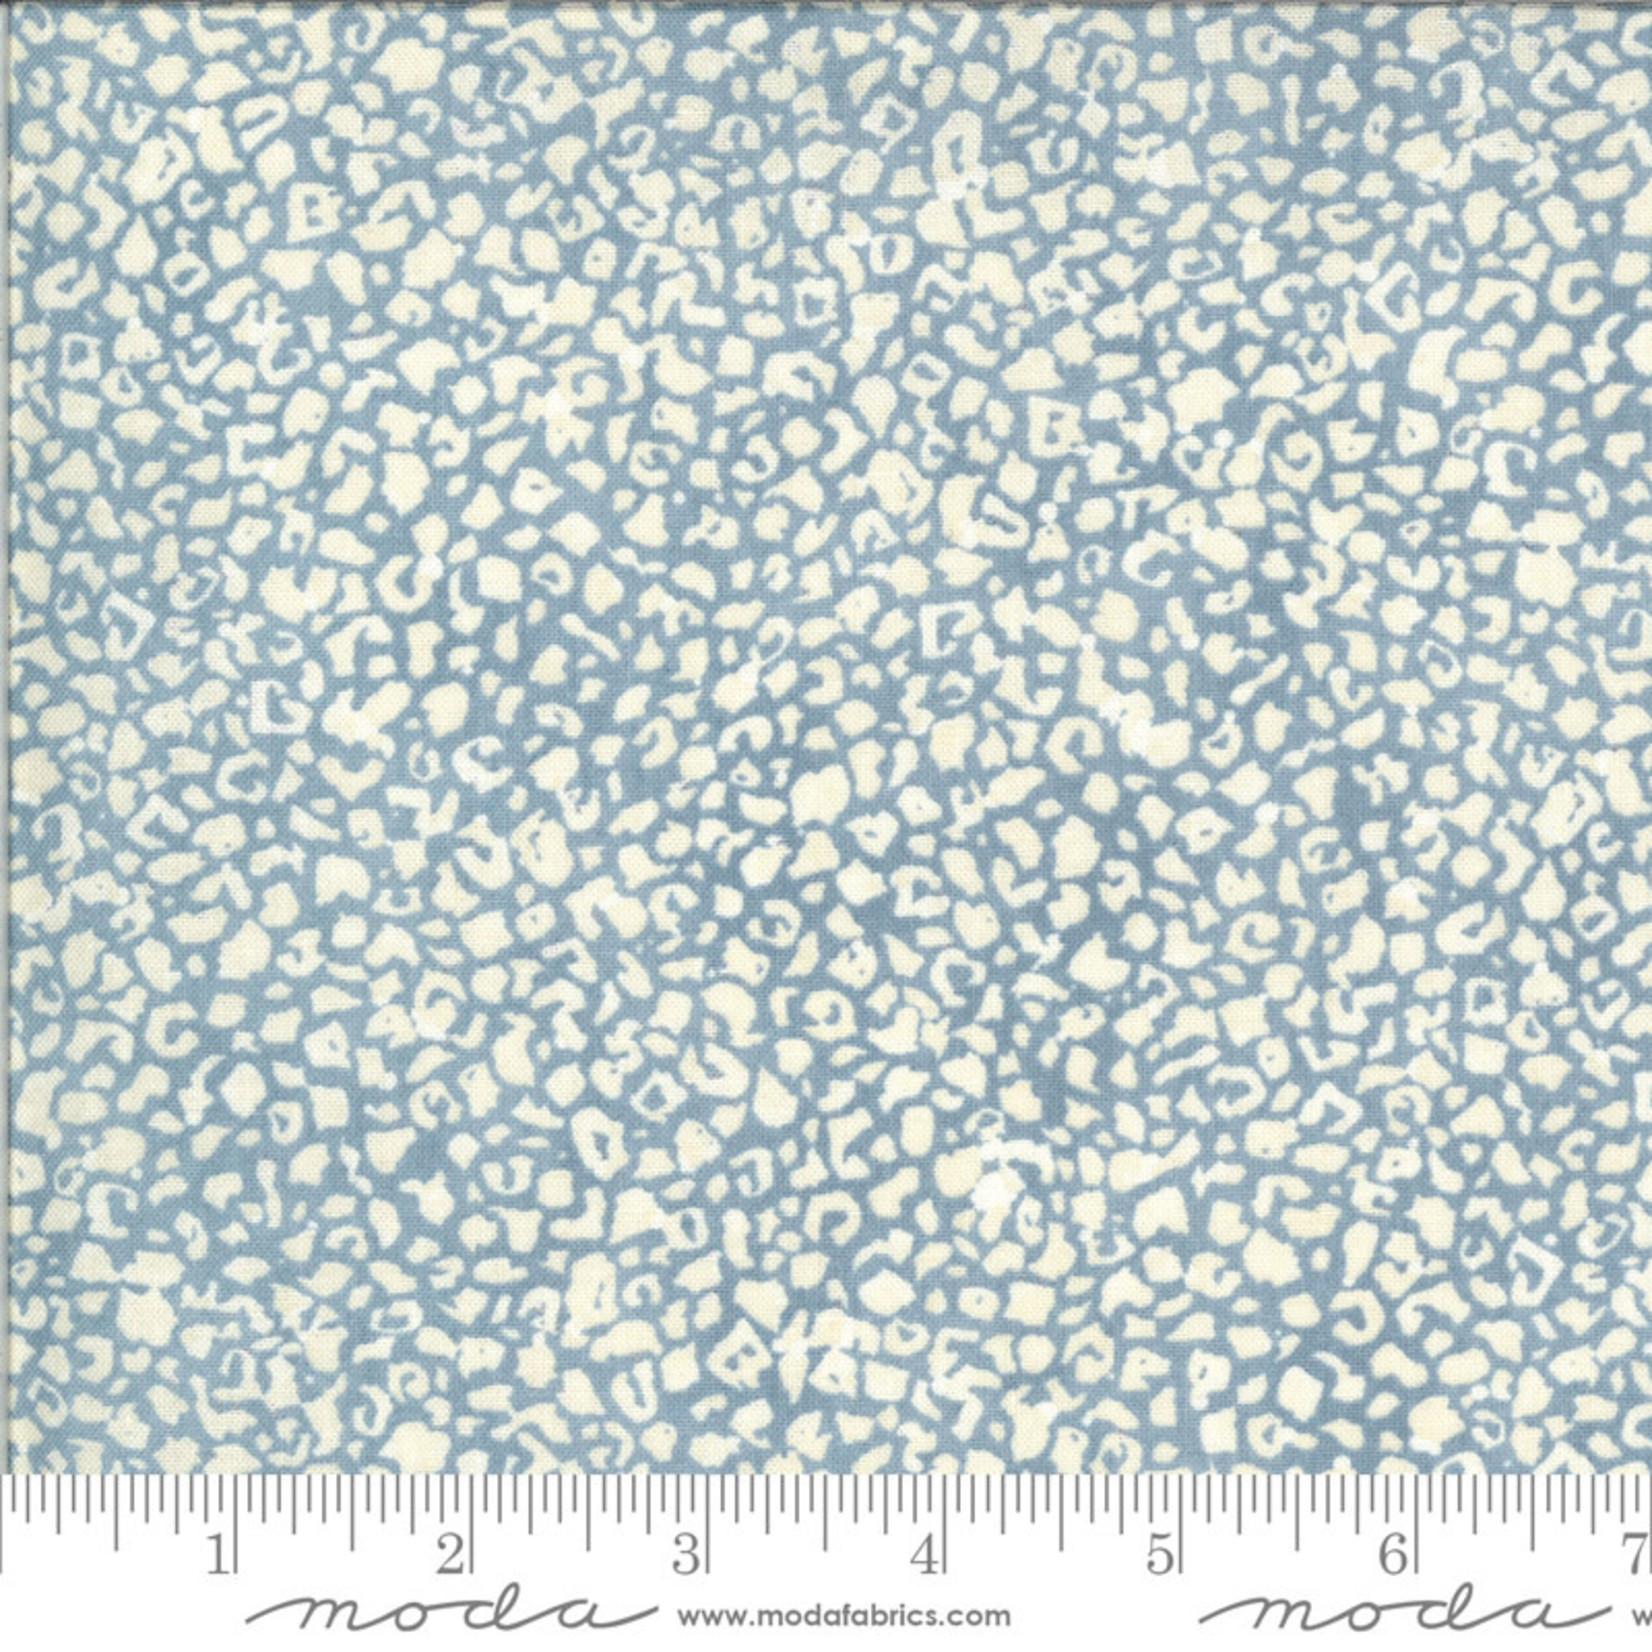 Moda THE BLUES, JOSEPHINE, PARKER (16904-14) $0.21 PER CM OR $21/M